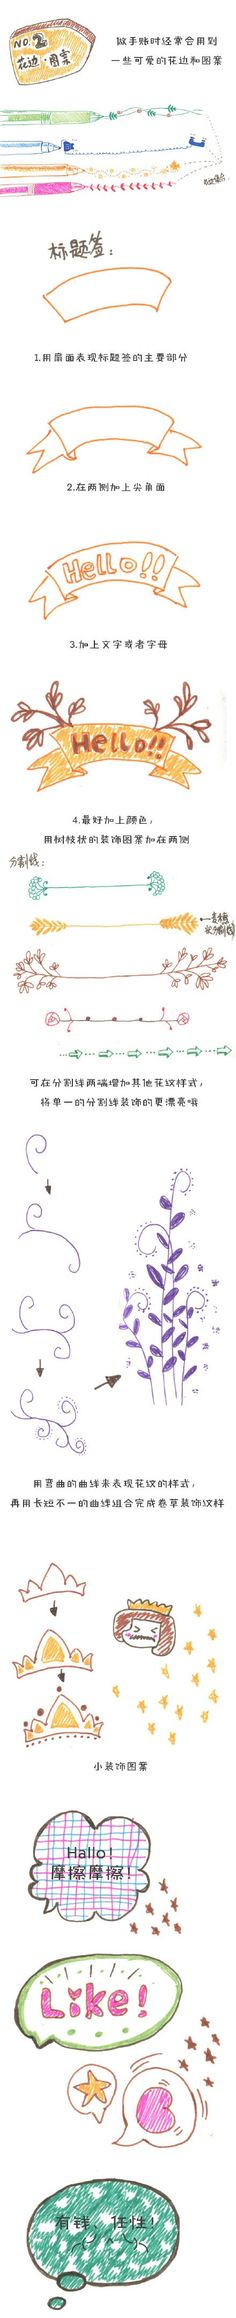 【资源】(2.5更新)超实用手帐小插画,超简单学起来!